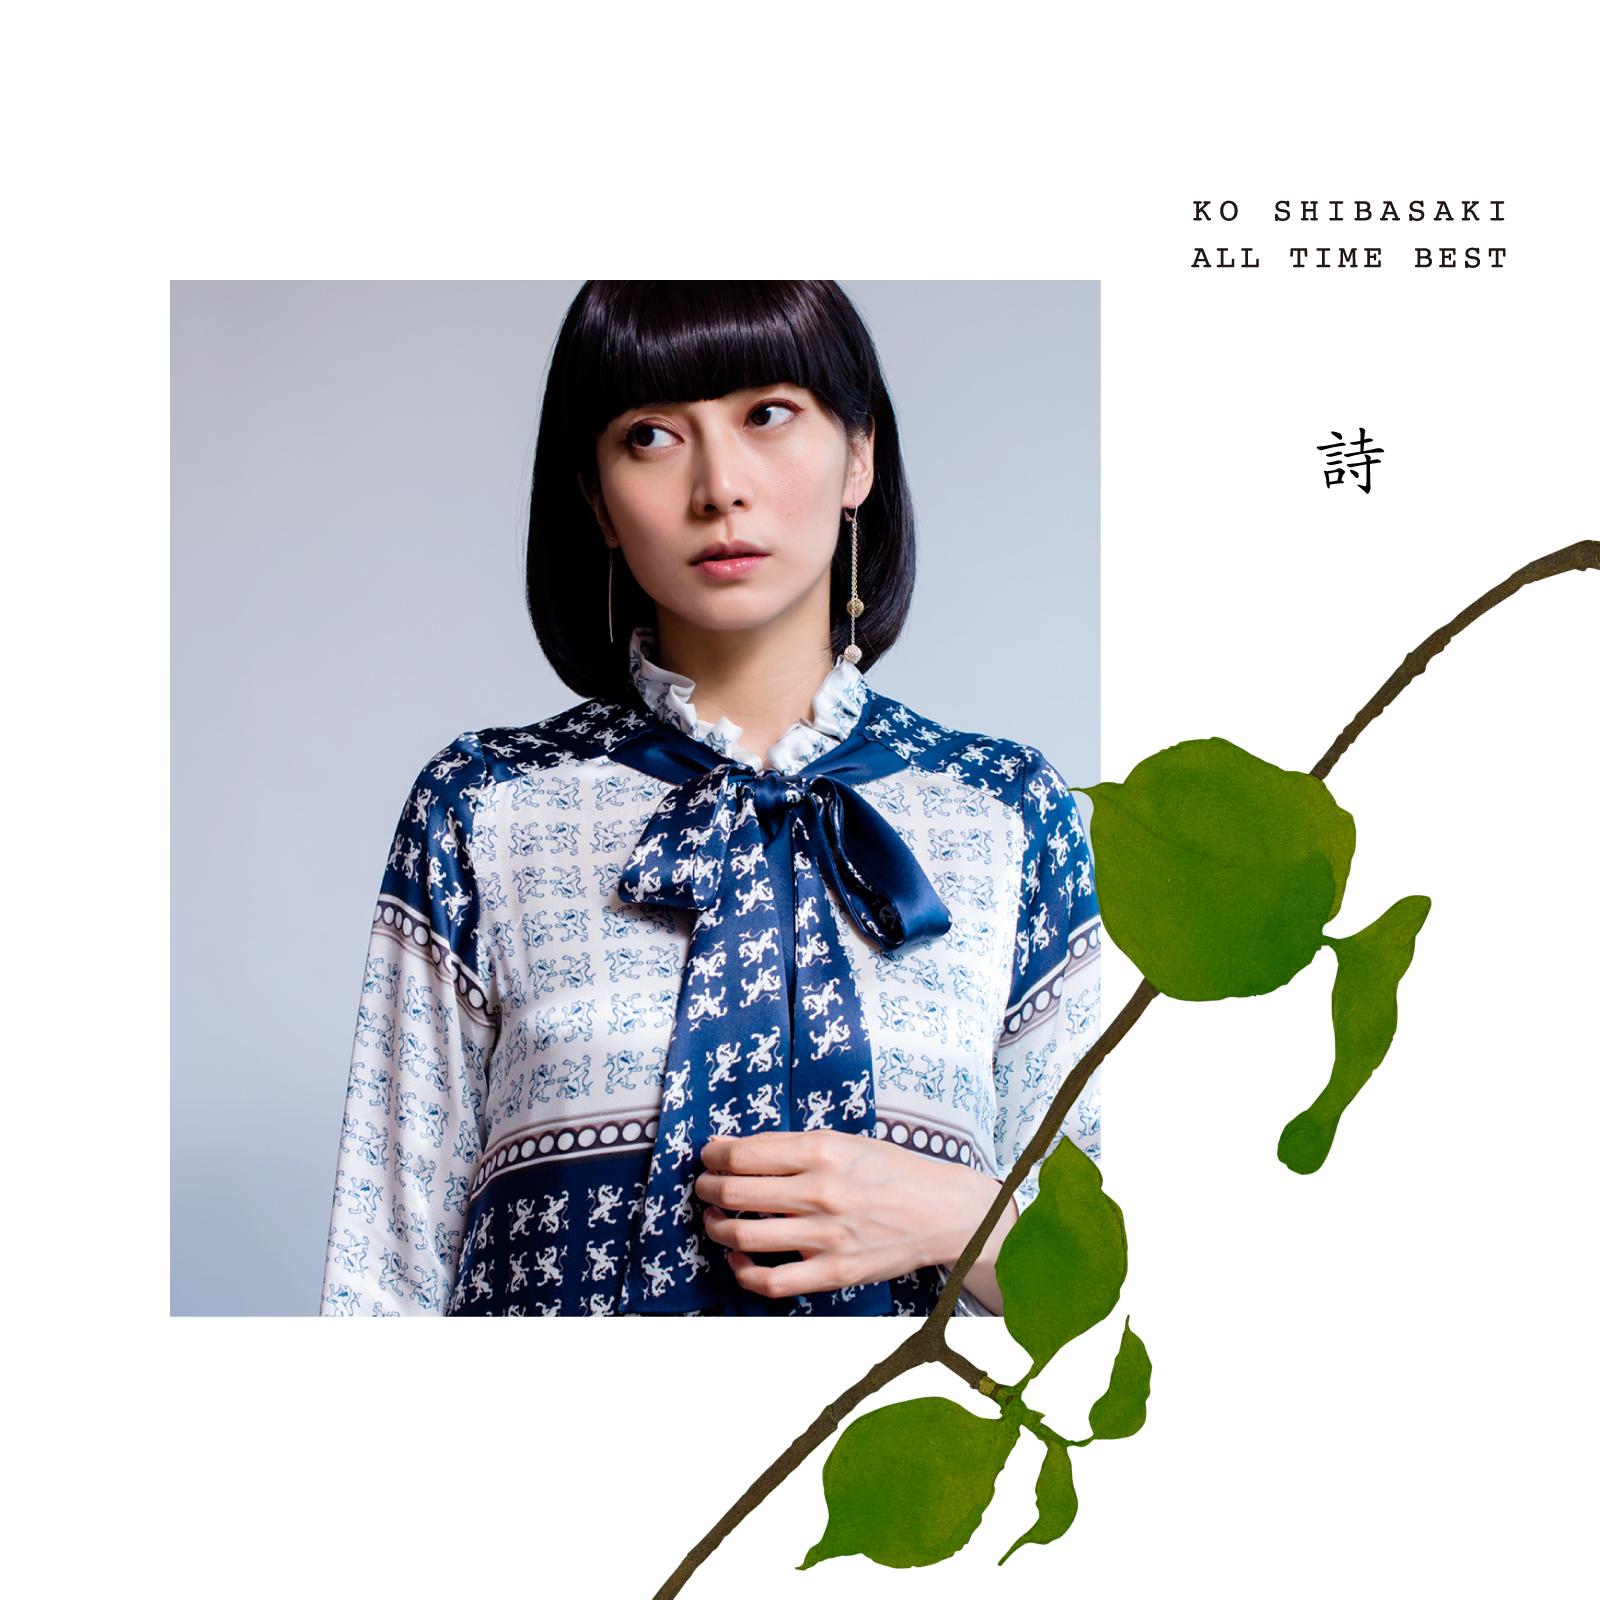 柴咲コウ『KO SHIBASAKI ALL TIME BEST 詩』